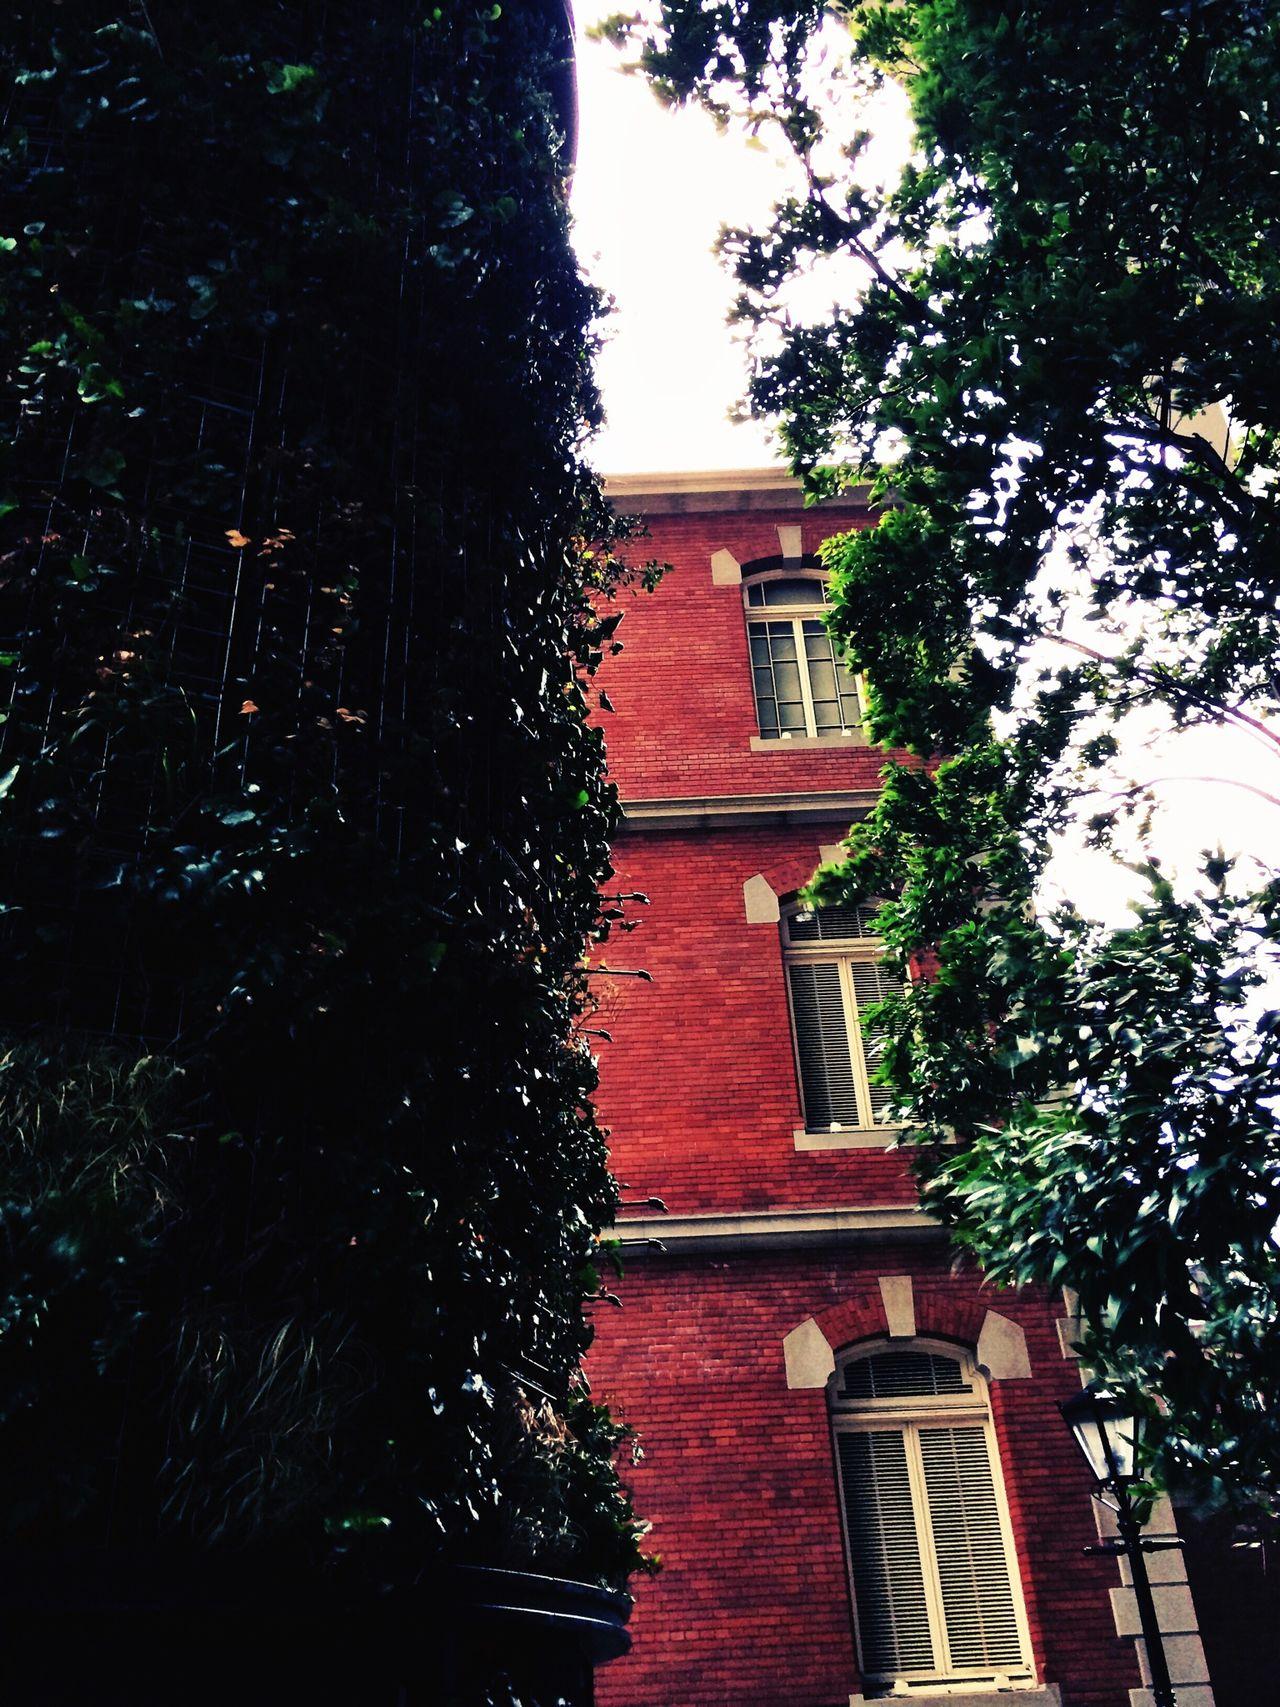 Brick Architecture Museum Trees